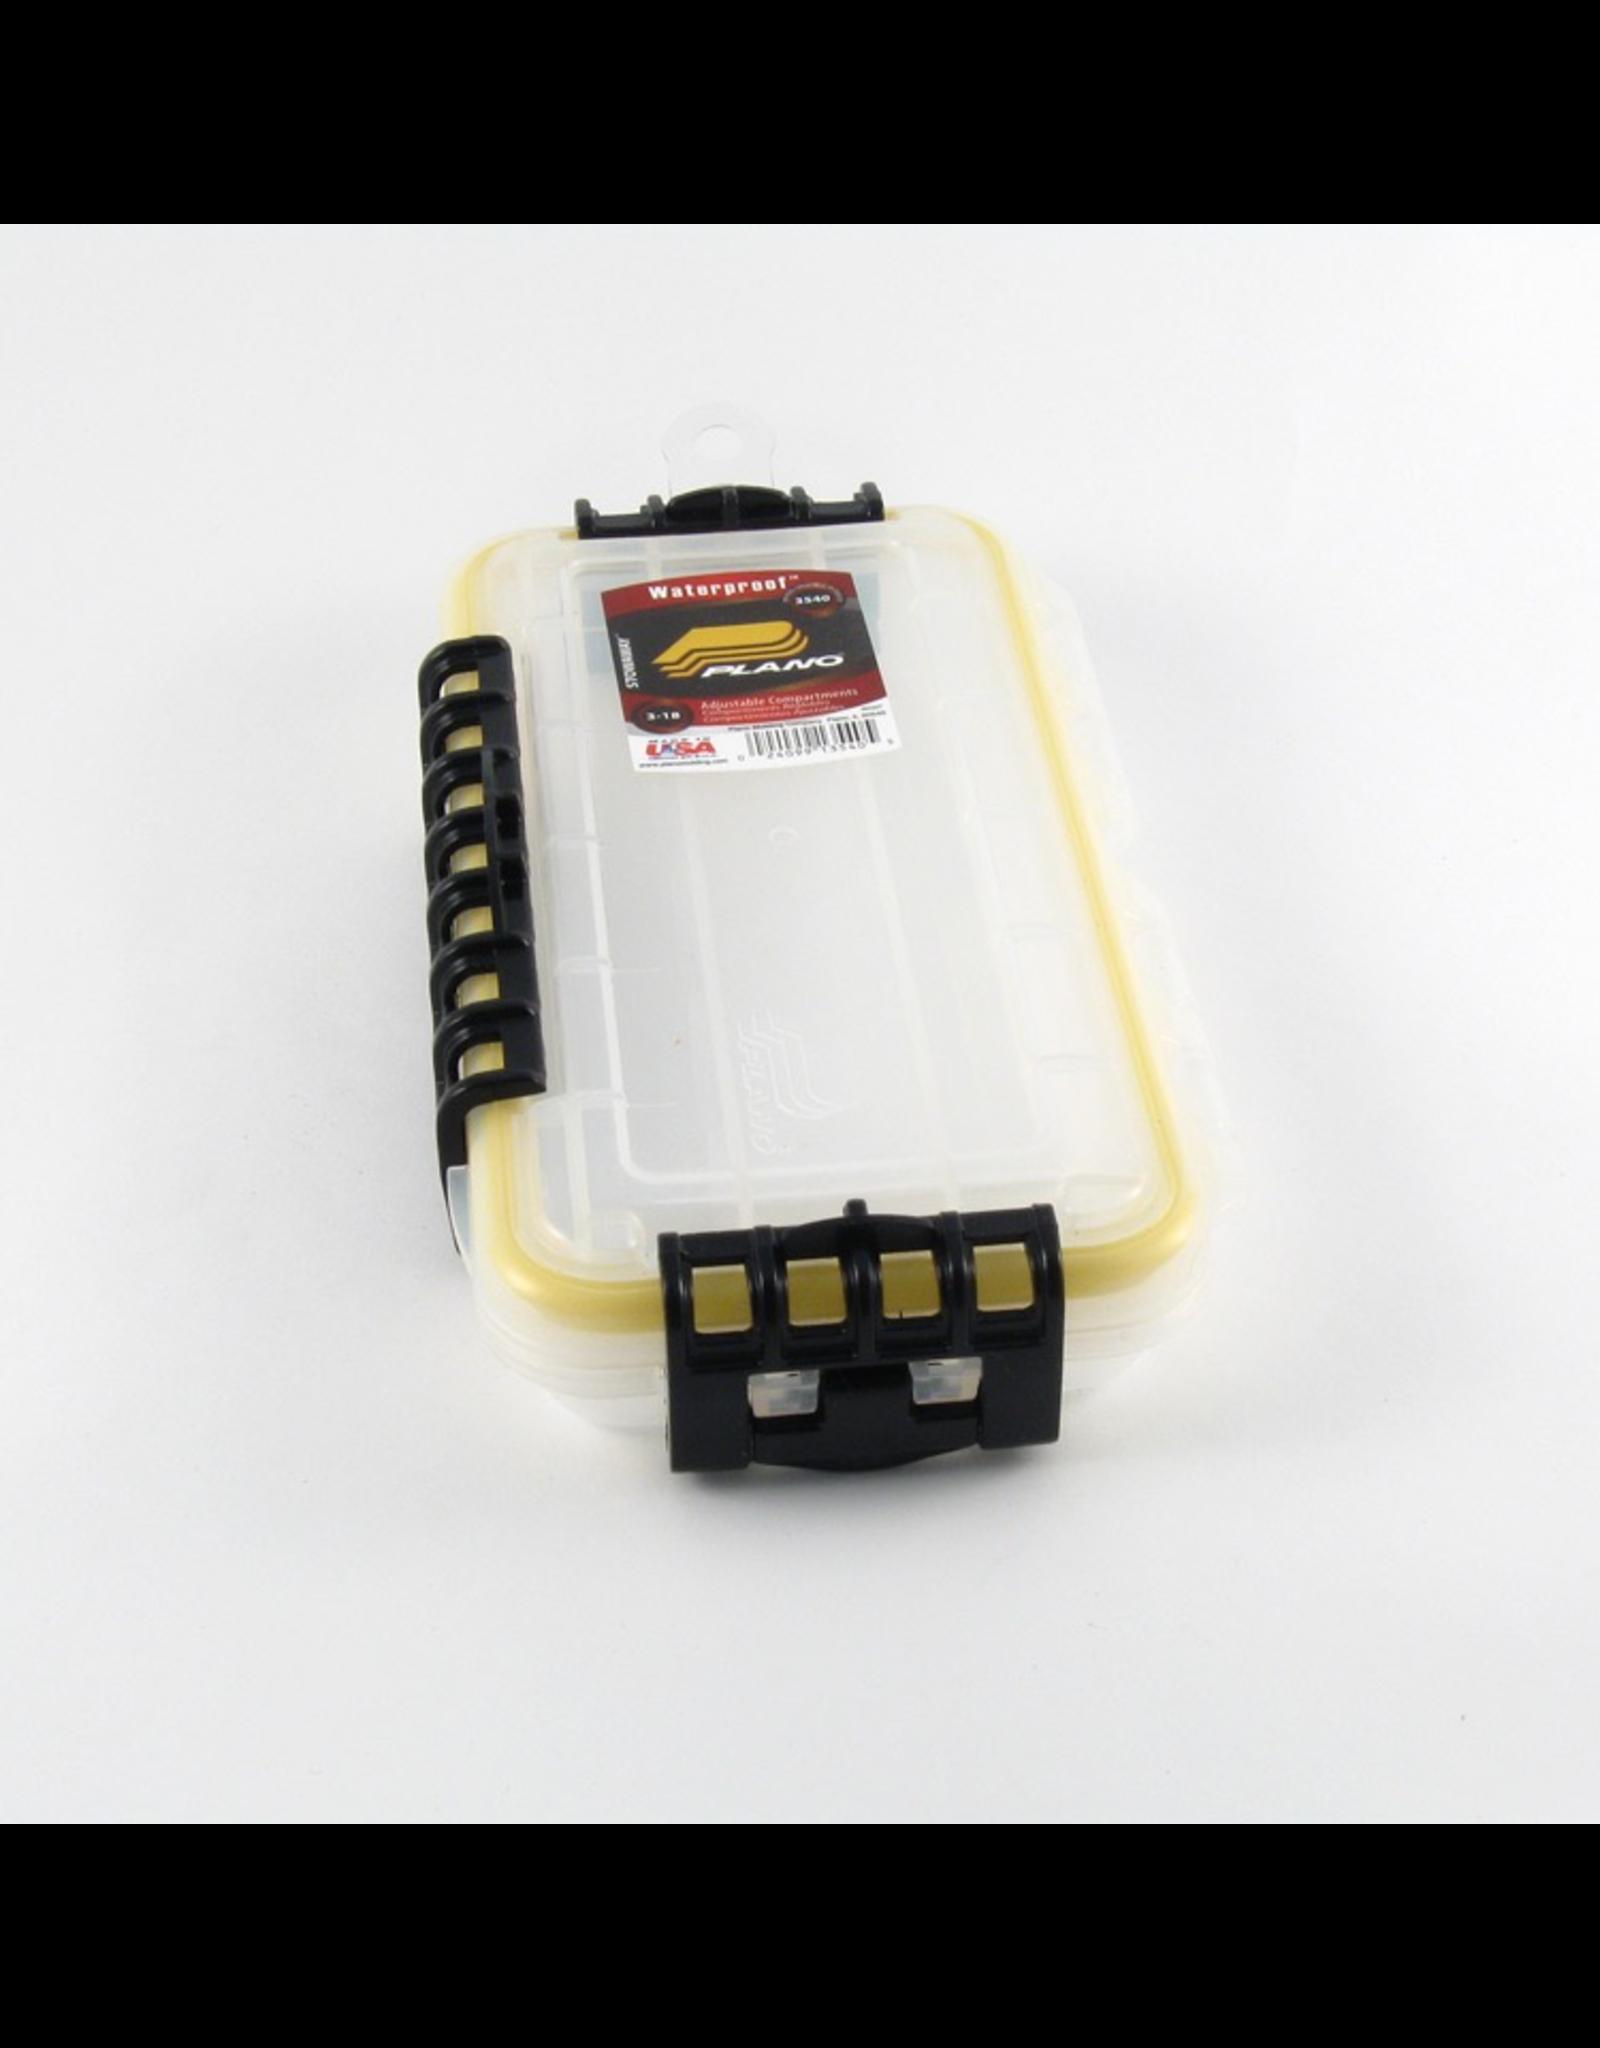 Hobie Hobie Plano Tacklebox - Small/Yellow